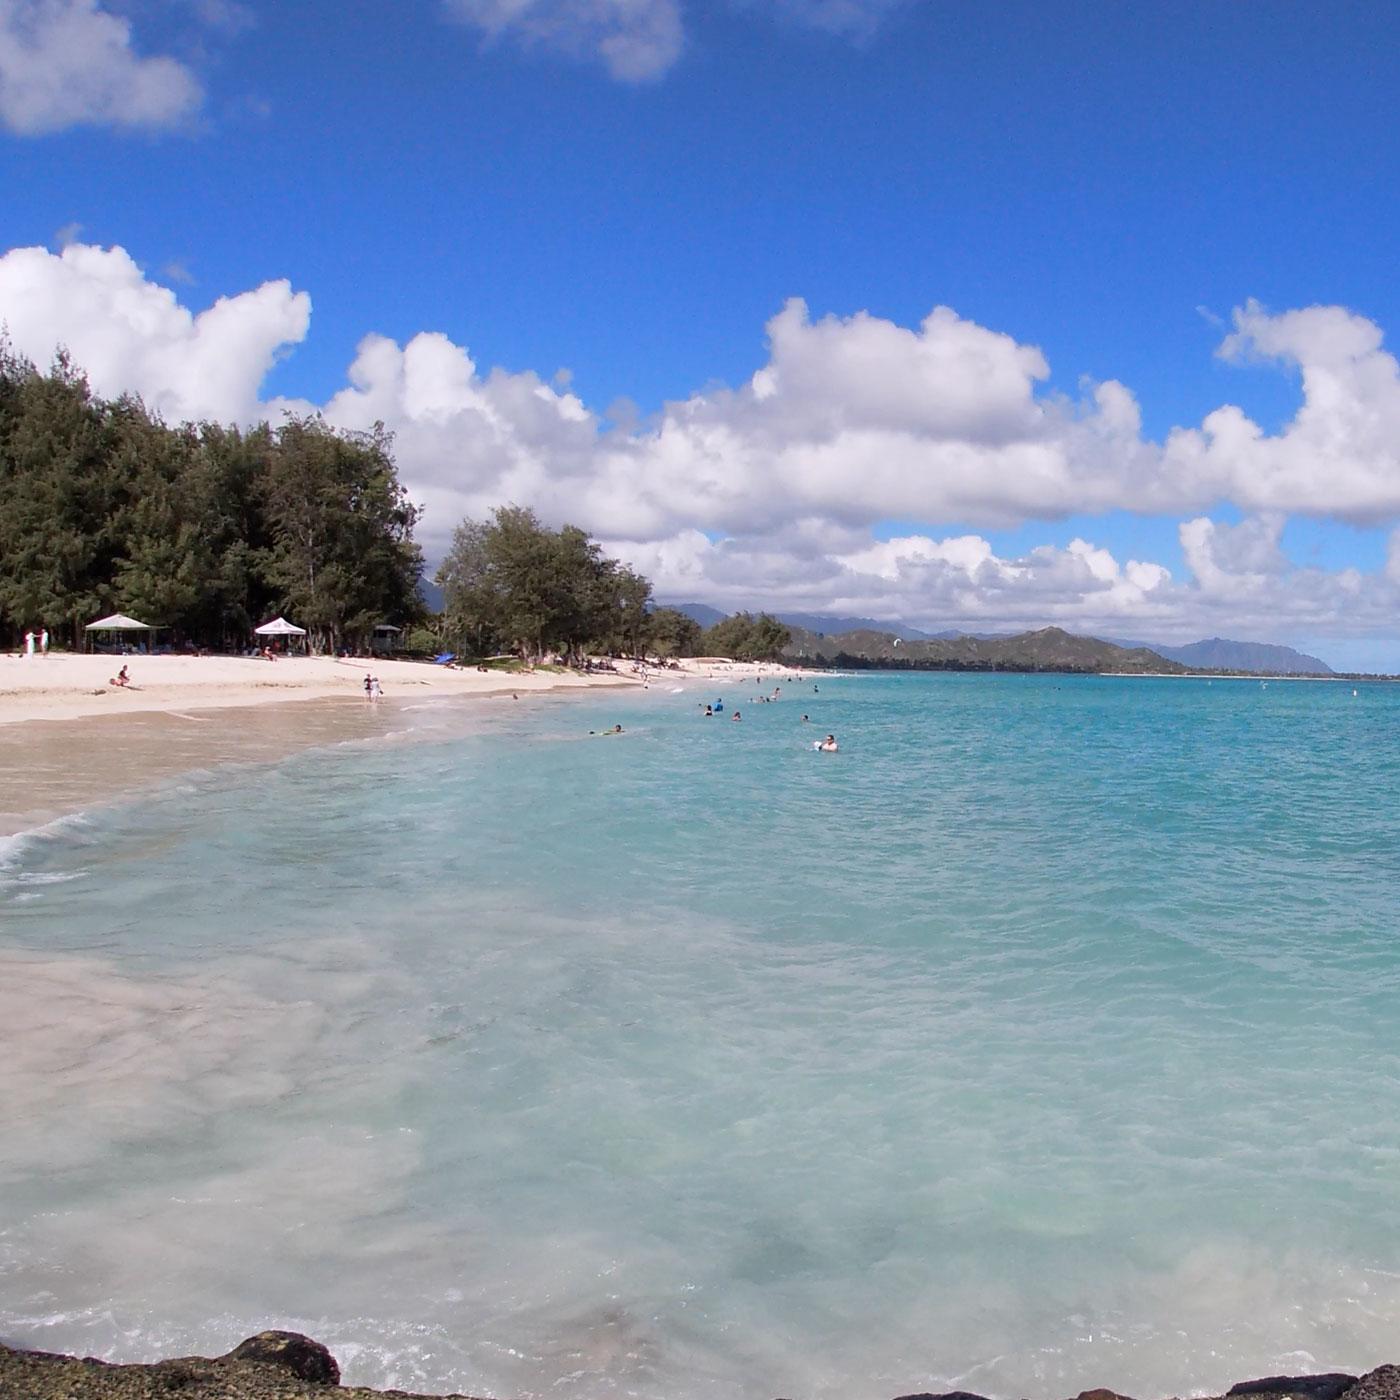 ハワイ旅行記録 10月 2日目 カイルア ラニカイ 地区へ